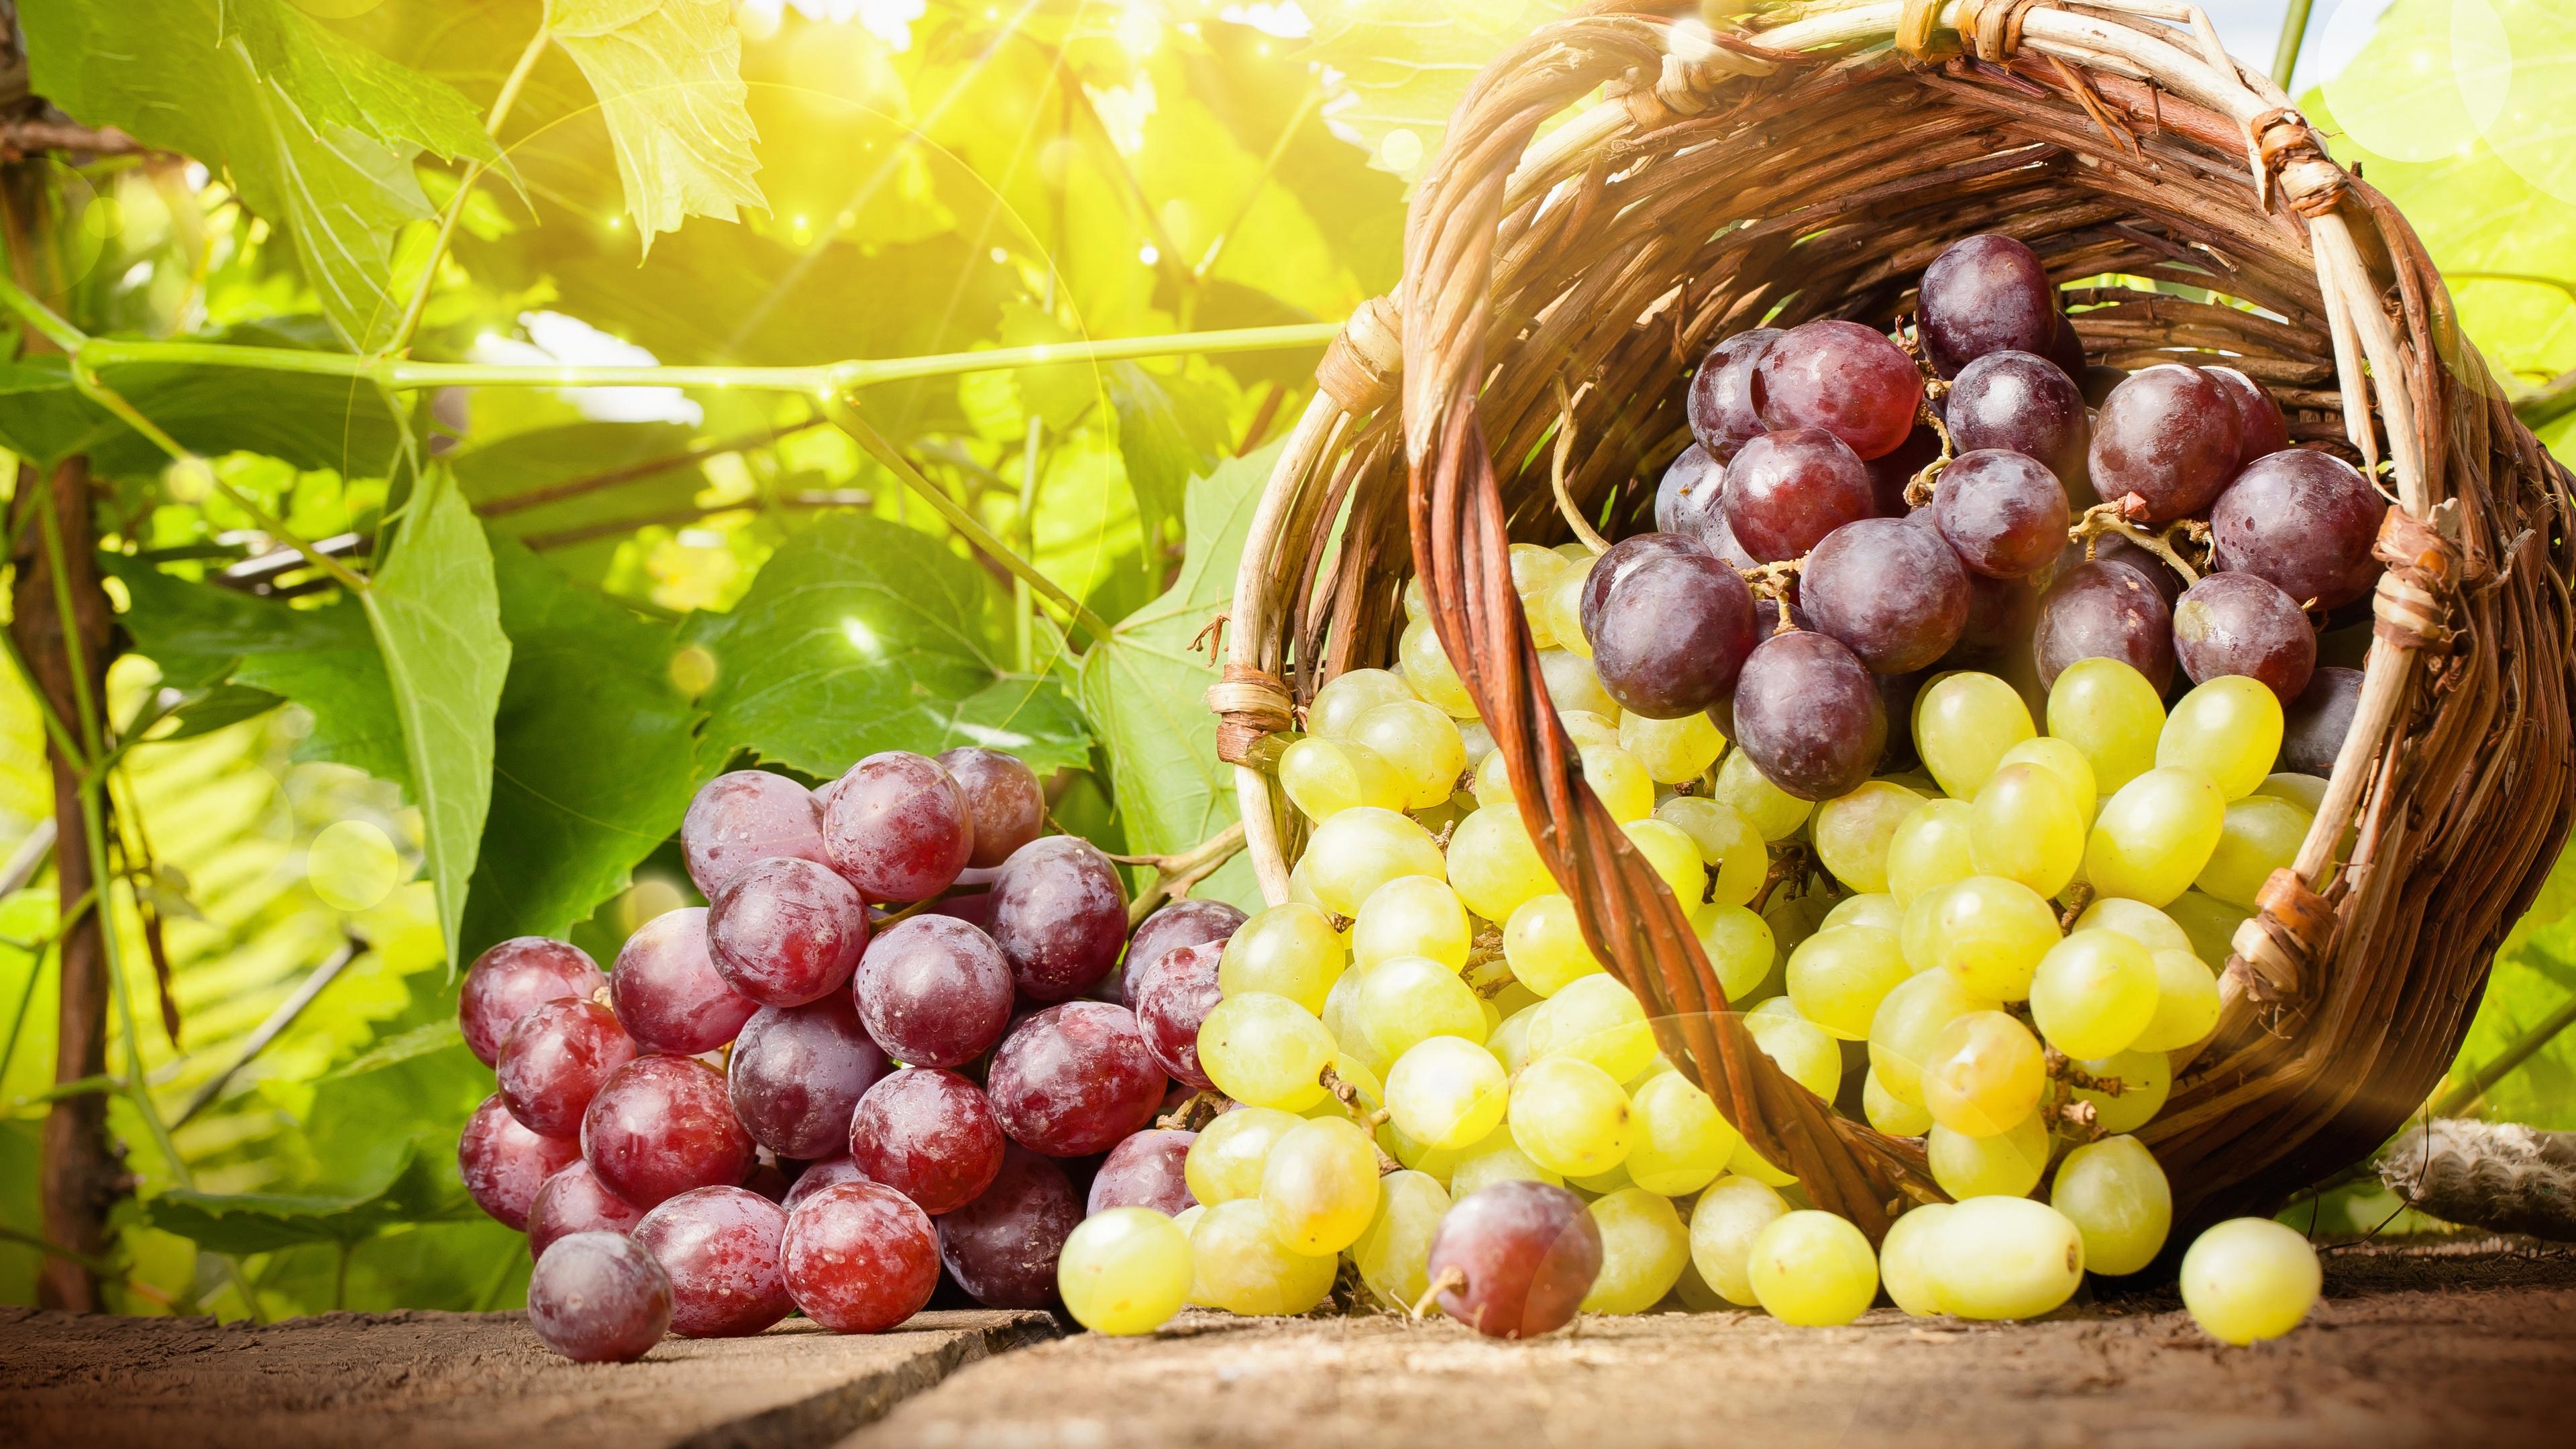 Готовы бунтовать: недобросовестная компания-винодел задолжала аграриям 50 млн рублей